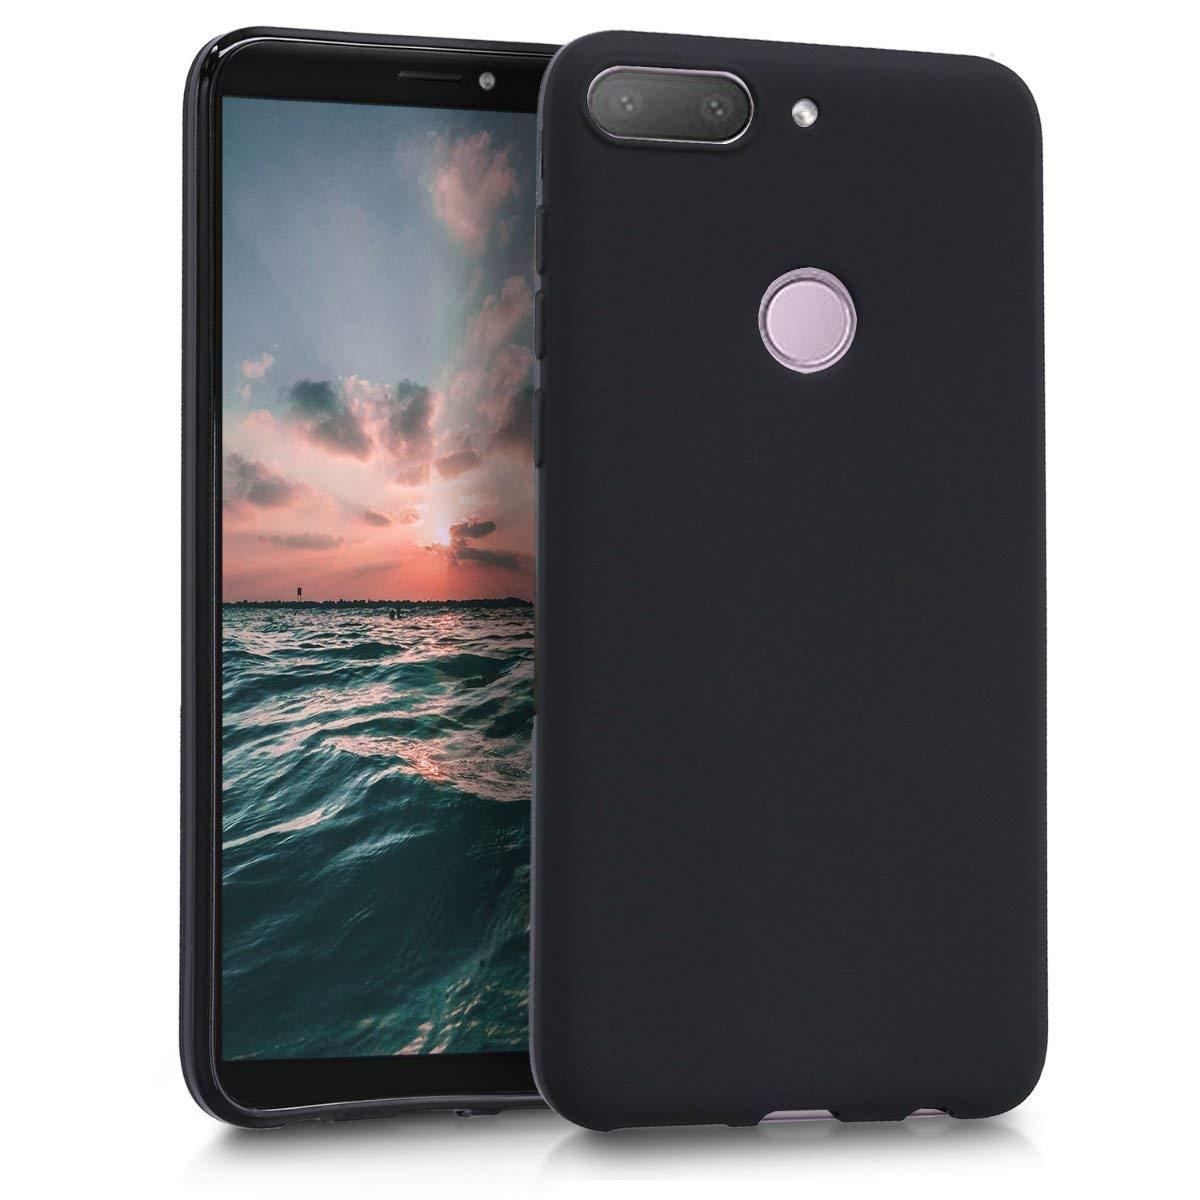 KW Θήκη Σιλικόνης HTC Desire 12+ (Black) - (44792.47)